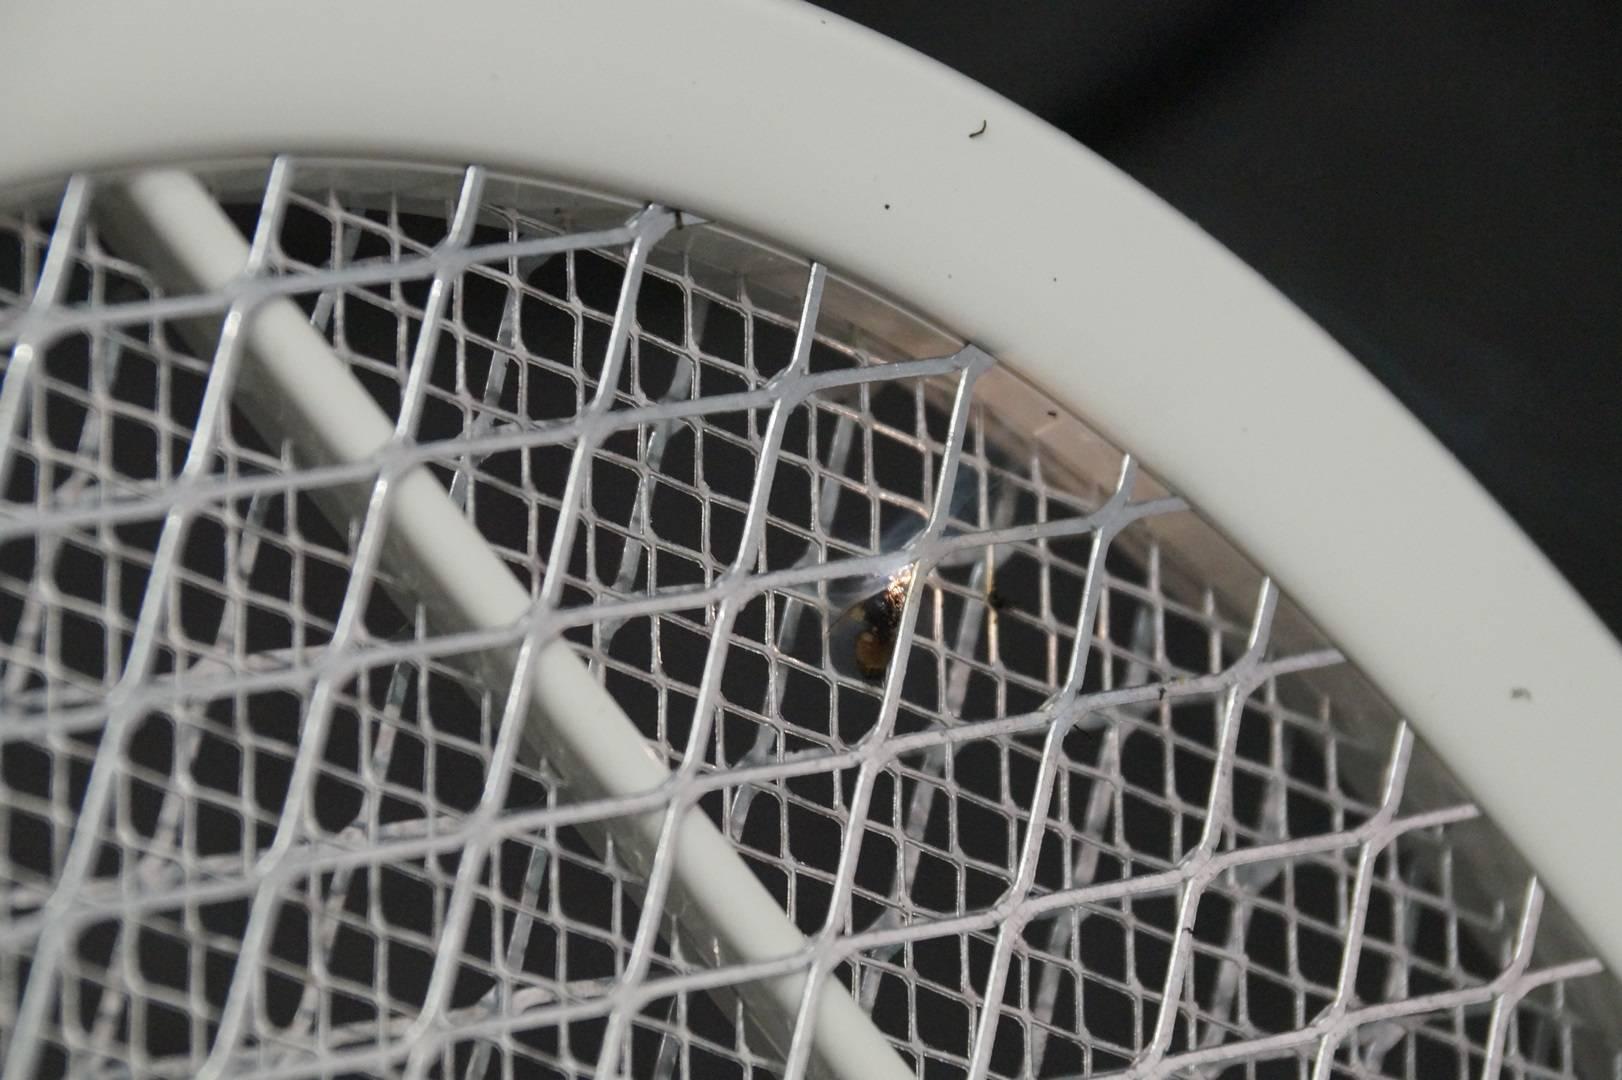 Сделанная в китае электрическая мухобойка. электронные самоделки для радиолюбителей и начинающих электриков схема электрическая мухобойки ls 01r